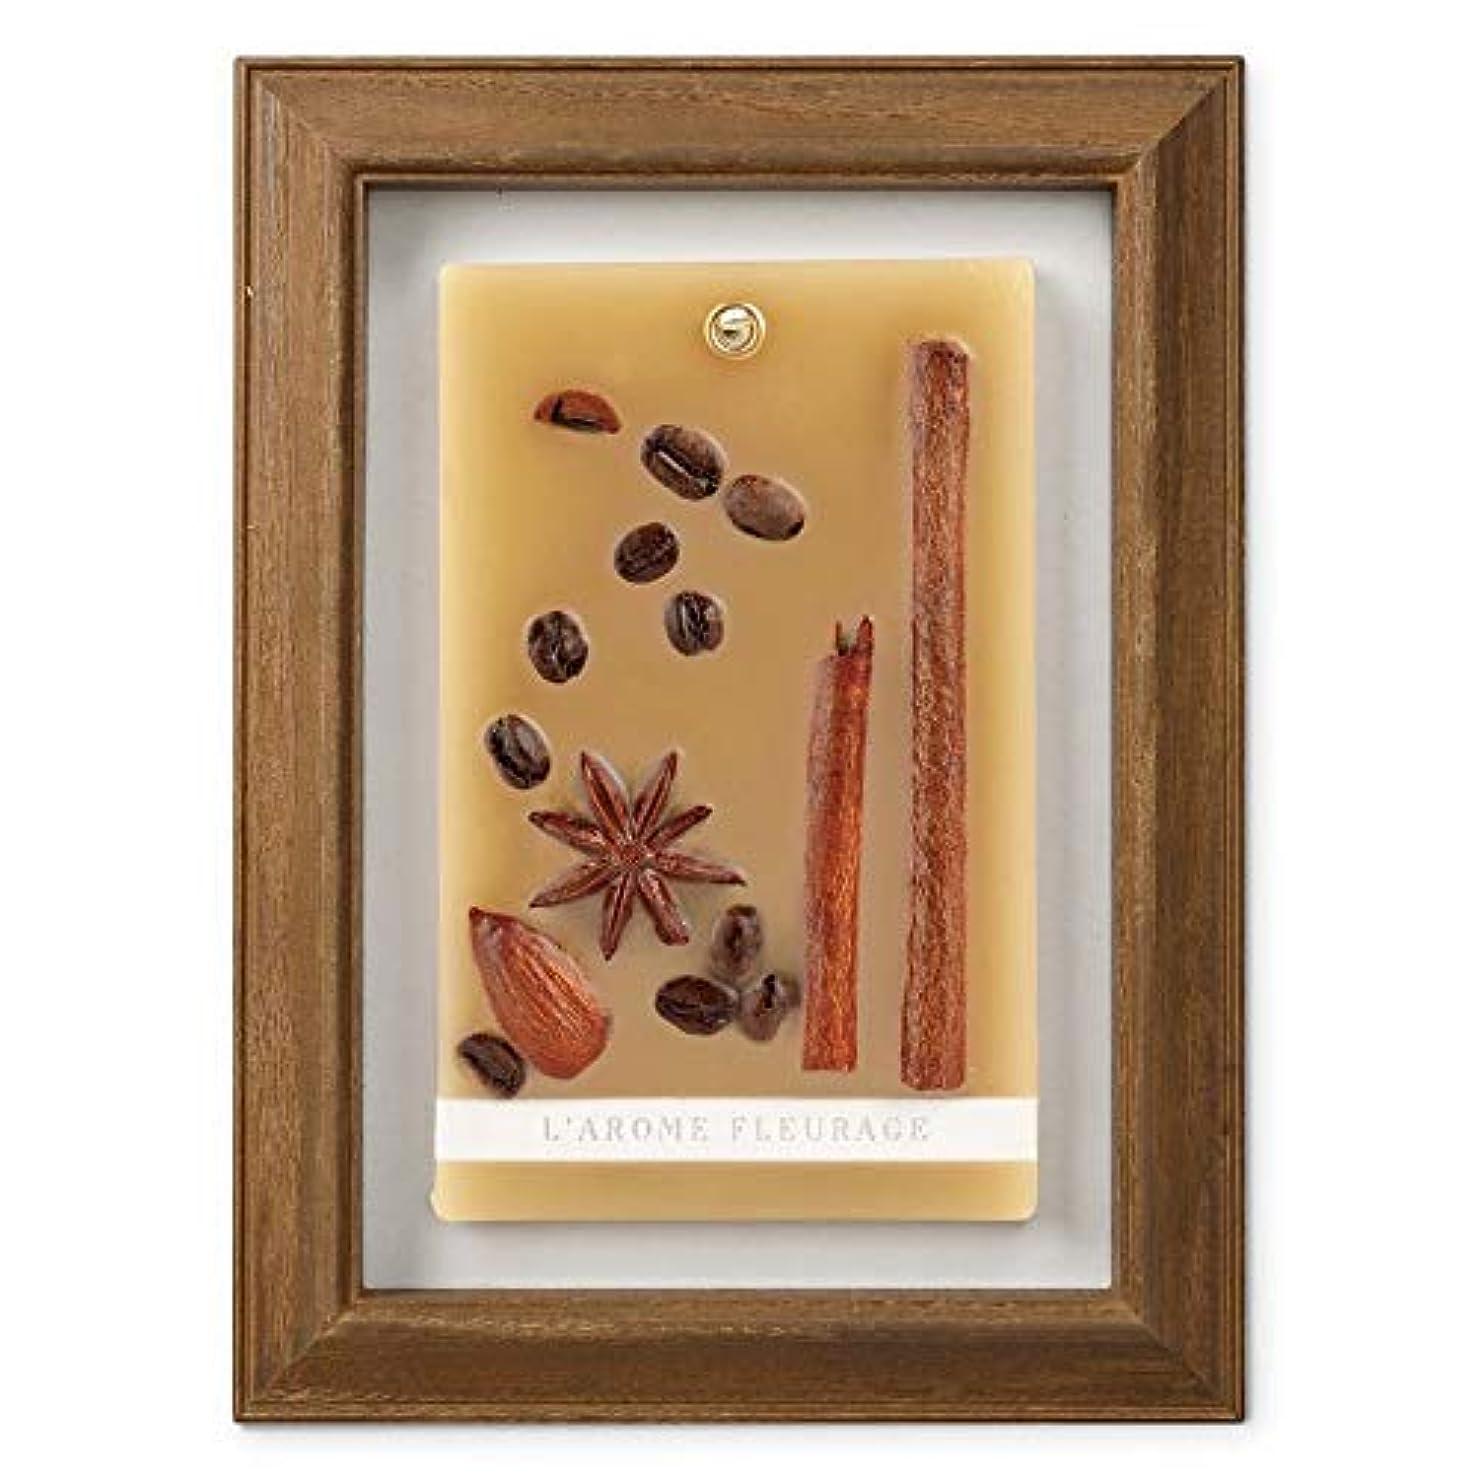 スチール手冒険家FLEURAGE(フルラージュ) アロマワックスサシェ コーヒーの香り Coffee×AntiqueBrown KH-61117